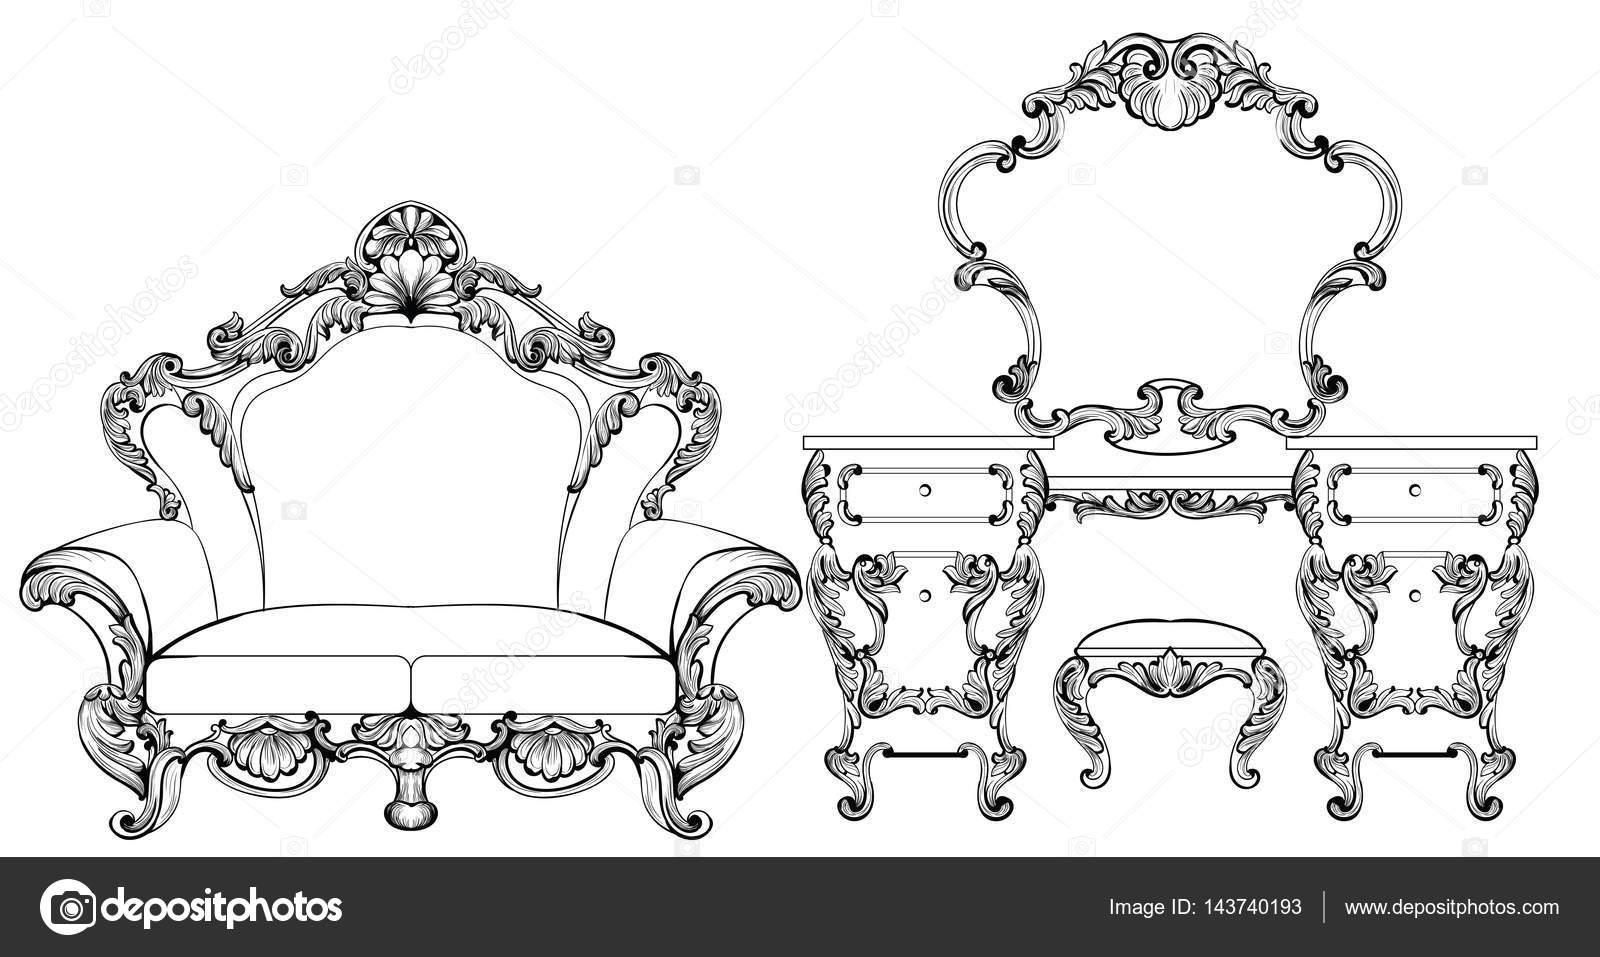 einrichtung viktorianischen stil dekore. japanisches. antique ... - Einrichtung Viktorianischen Stil Dekore